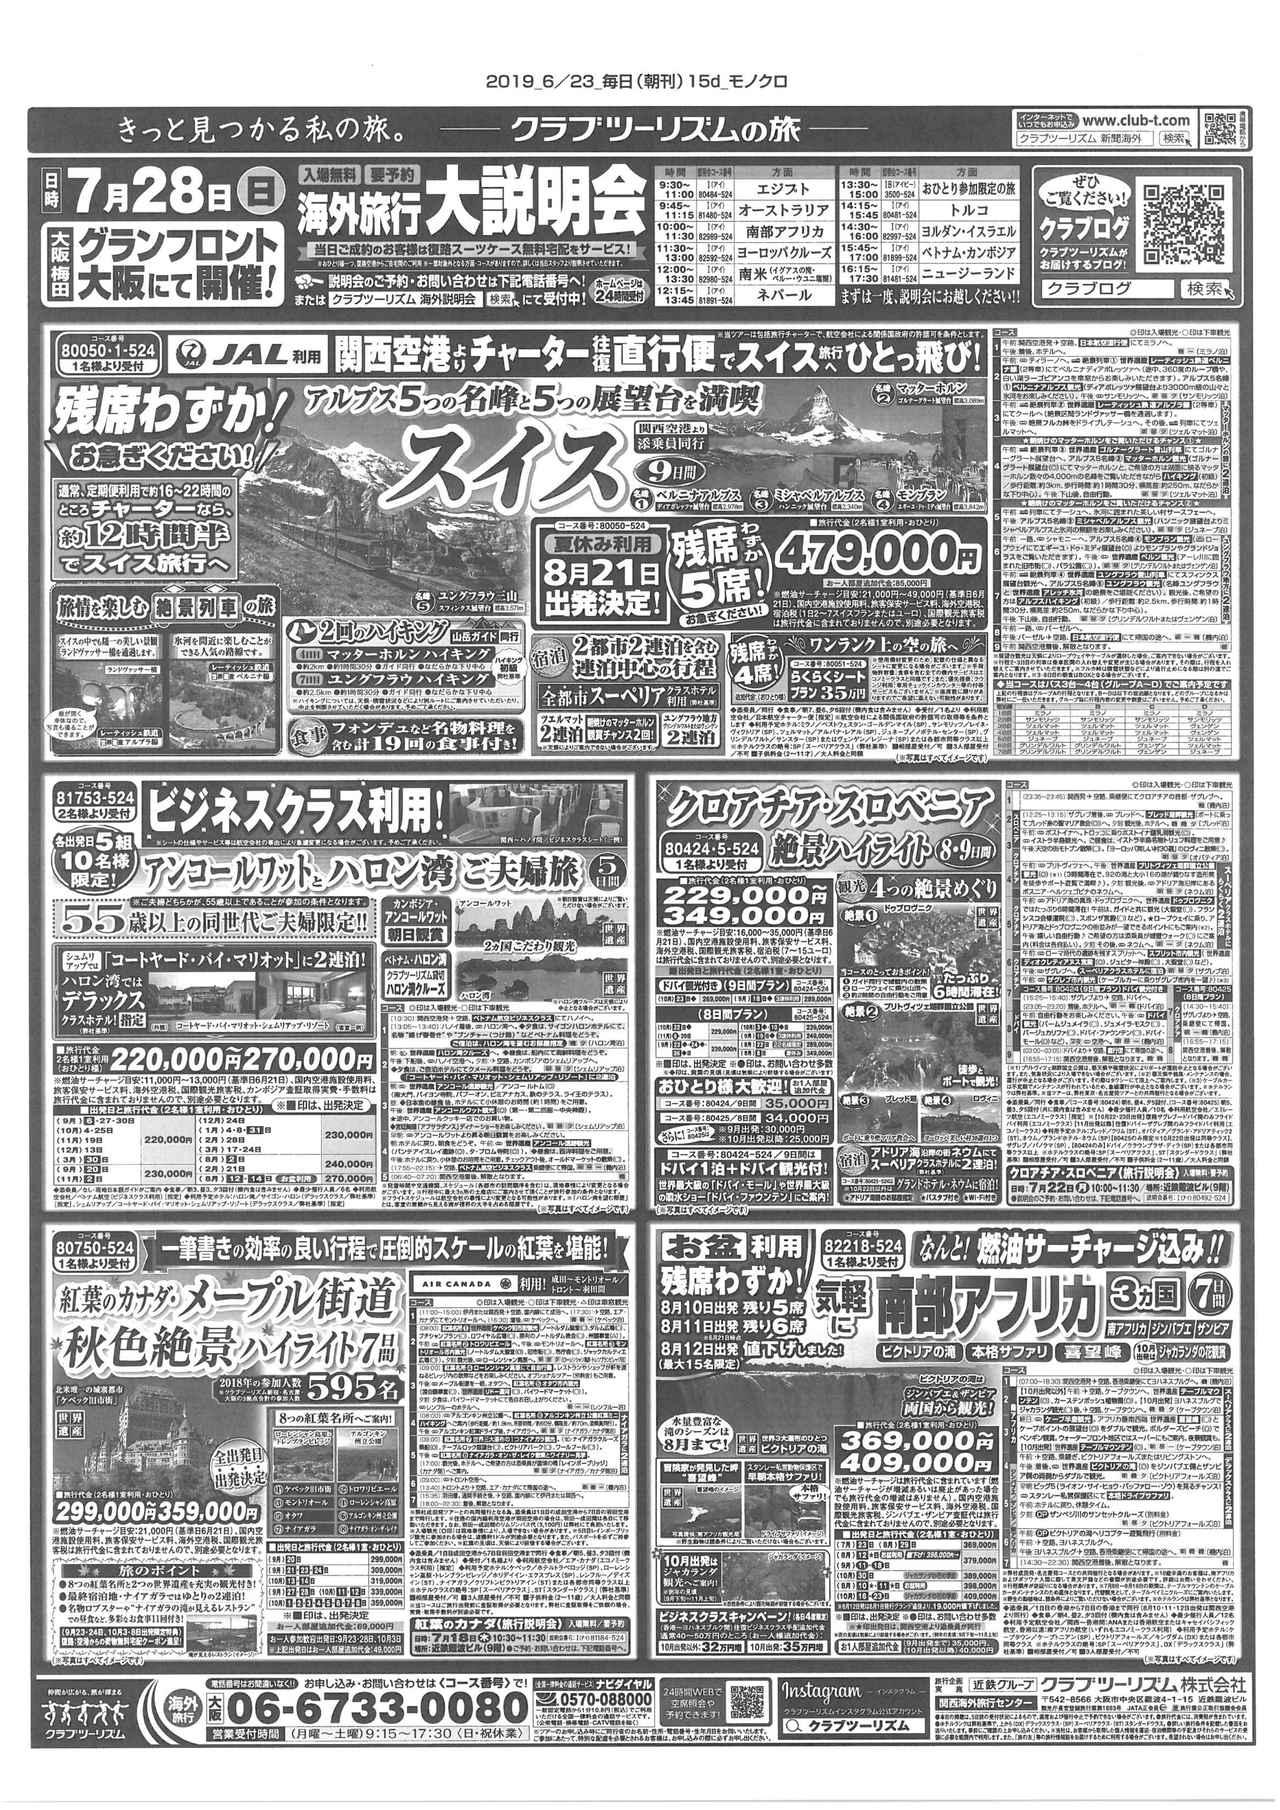 画像1: 6/23発行の新聞広告はこちらです(日経新聞・毎日新聞)